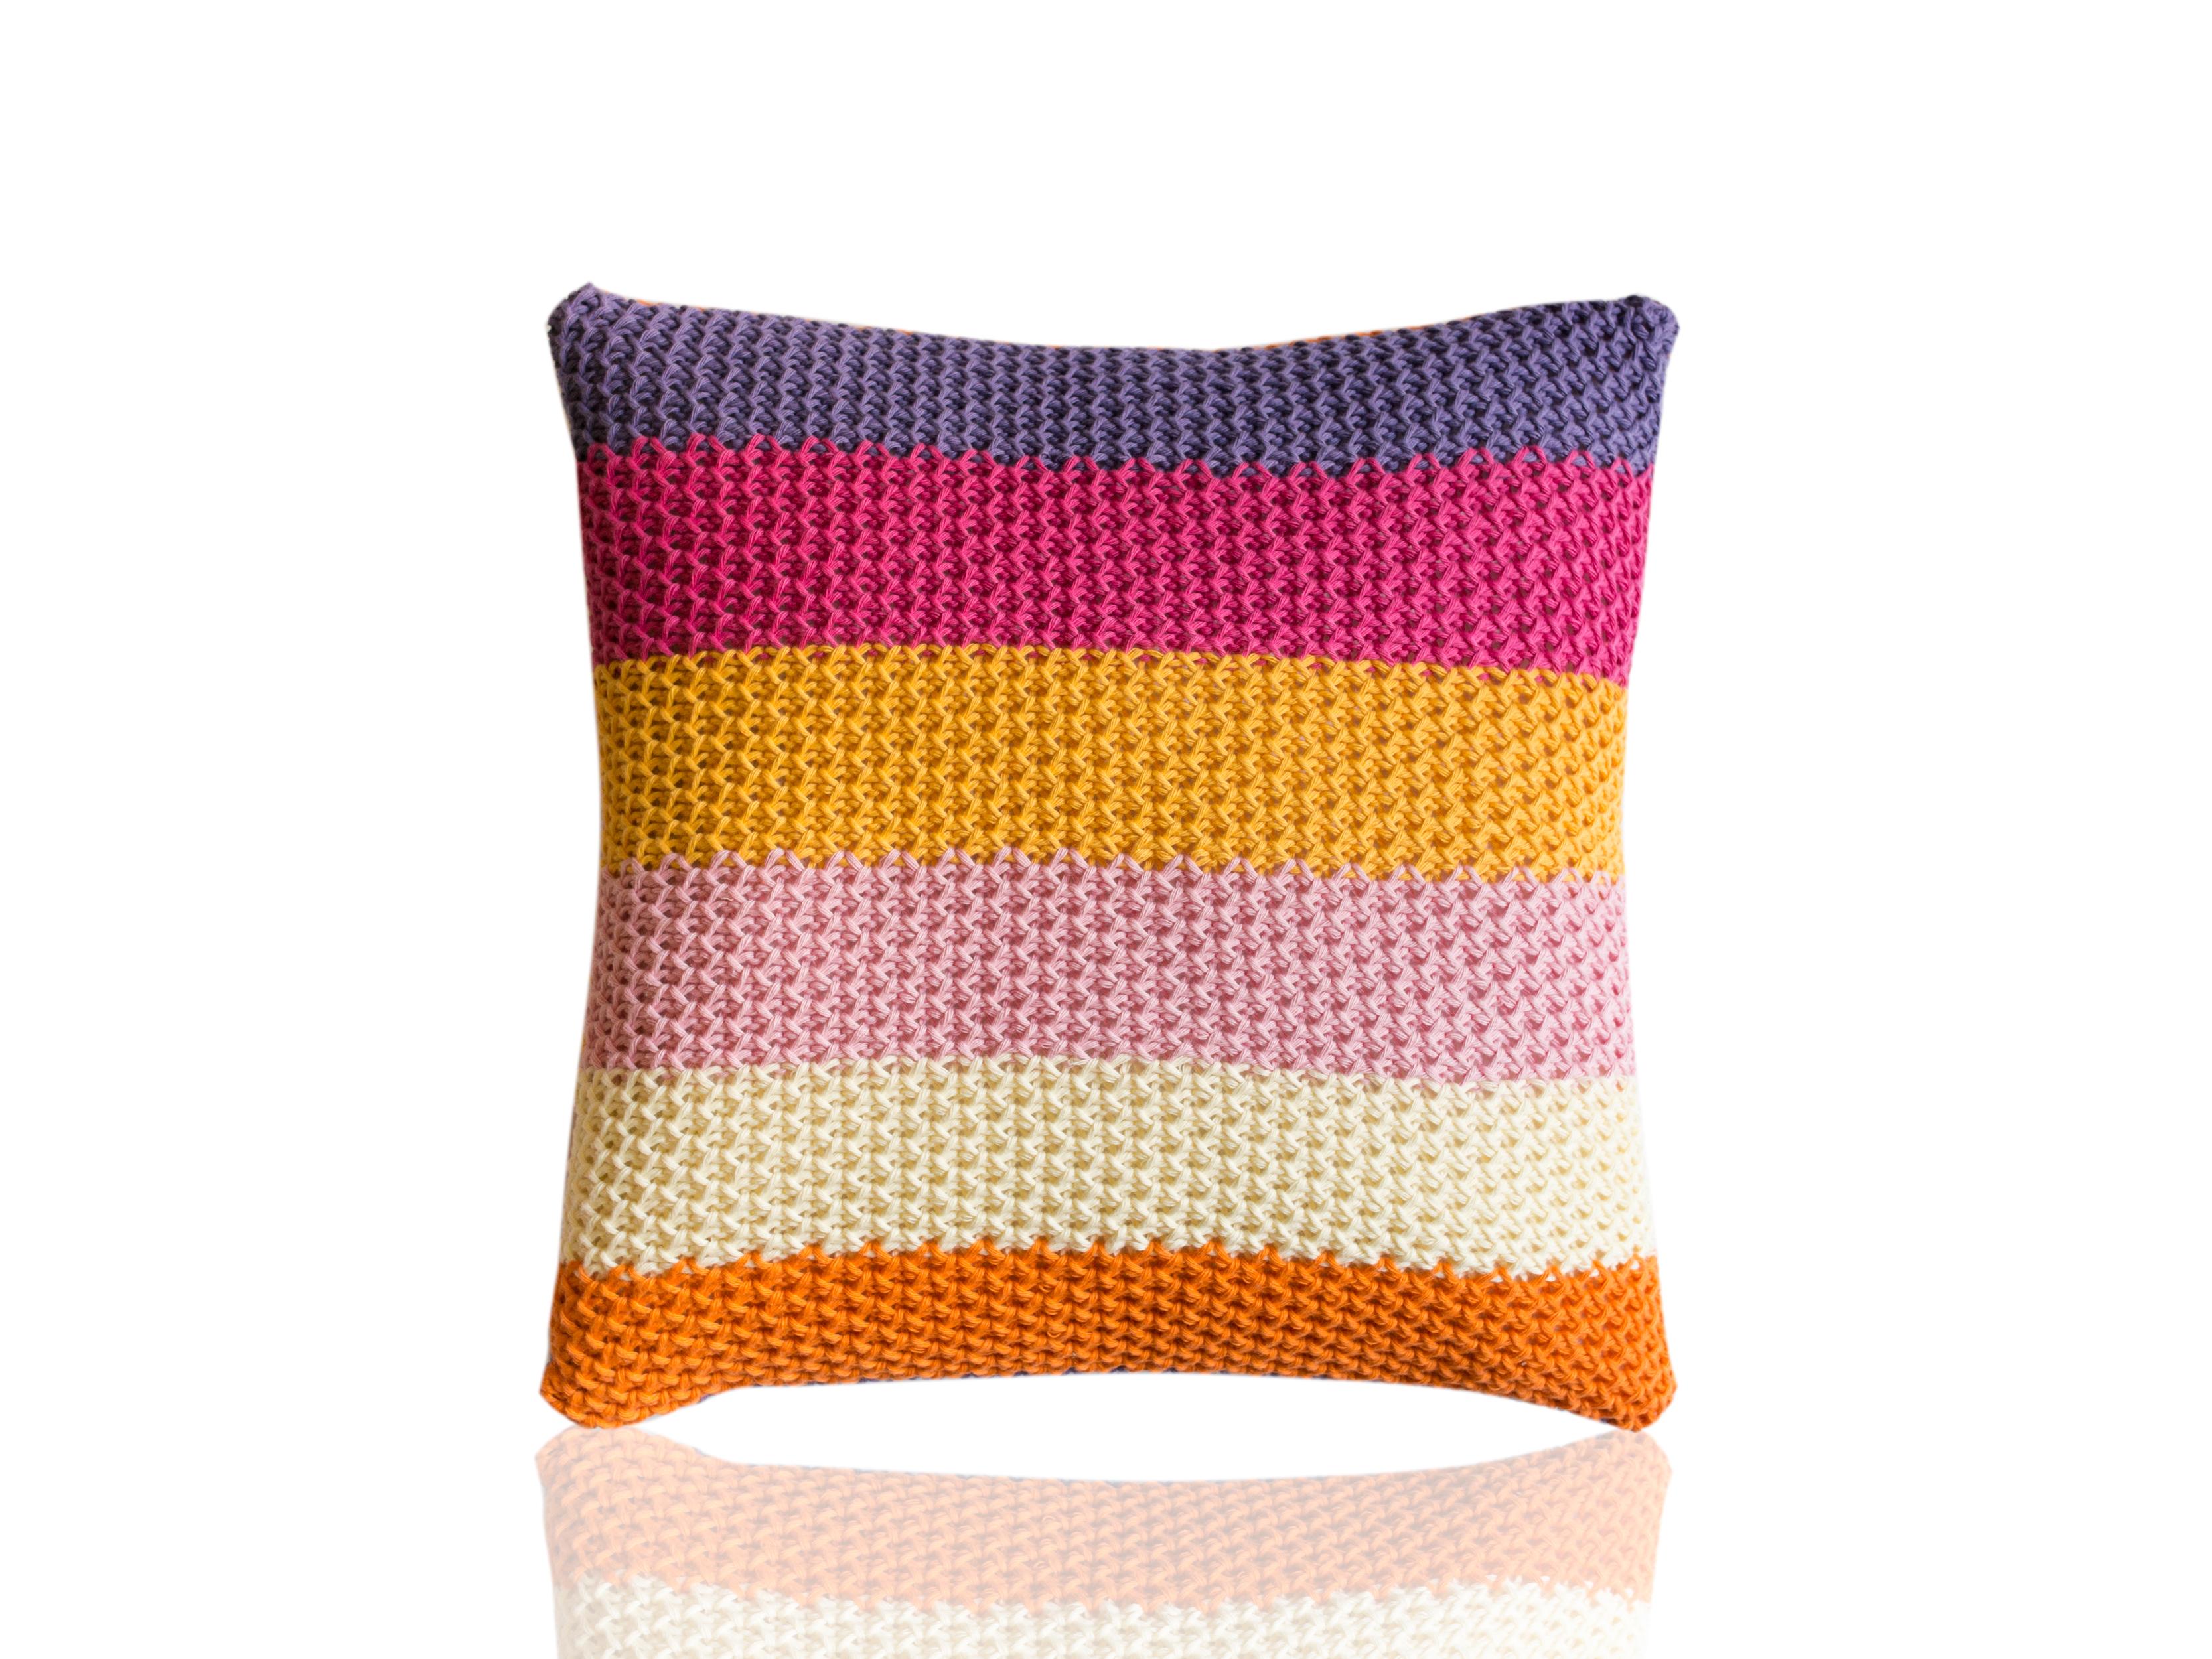 Подушка CatorceКвадратные подушки и наволочки<br>Catorce - вязаная диванная подушка ручной работы - сделана из высококачественных материалов в Барселоне, Испания. Яркая, мягкая и красивая, эта вещь добавит комфорта и уюта любому домашнему декору.&amp;amp;nbsp;&amp;lt;div&amp;gt;&amp;lt;br&amp;gt;&amp;lt;/div&amp;gt;&amp;lt;div&amp;gt;Состав наволочки: 100% хлопок&amp;amp;nbsp;&amp;lt;/div&amp;gt;&amp;lt;div&amp;gt;Наполнитель (вынимающаяся подушка): 100% полиэстер&amp;amp;nbsp;&amp;lt;/div&amp;gt;<br><br>Material: Хлопок<br>Ширина см: 40.0<br>Высота см: 40.0<br>Глубина см: 10.0